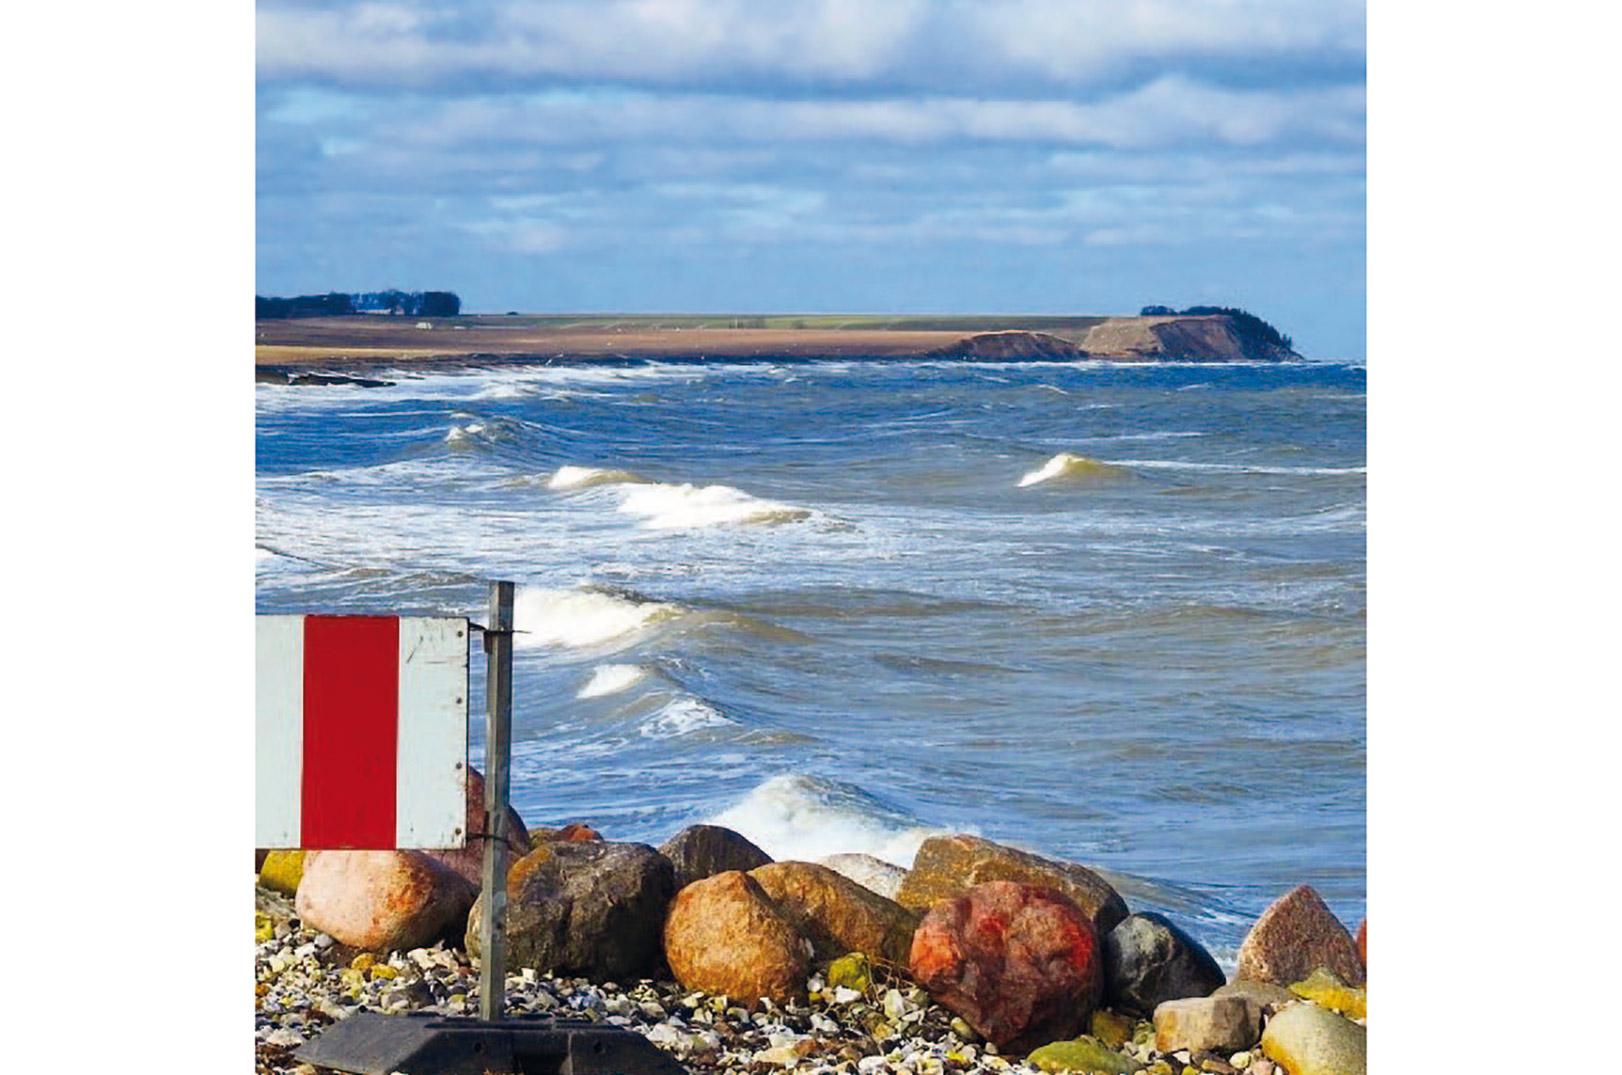 Stopsignal ved Gjerrild Strand